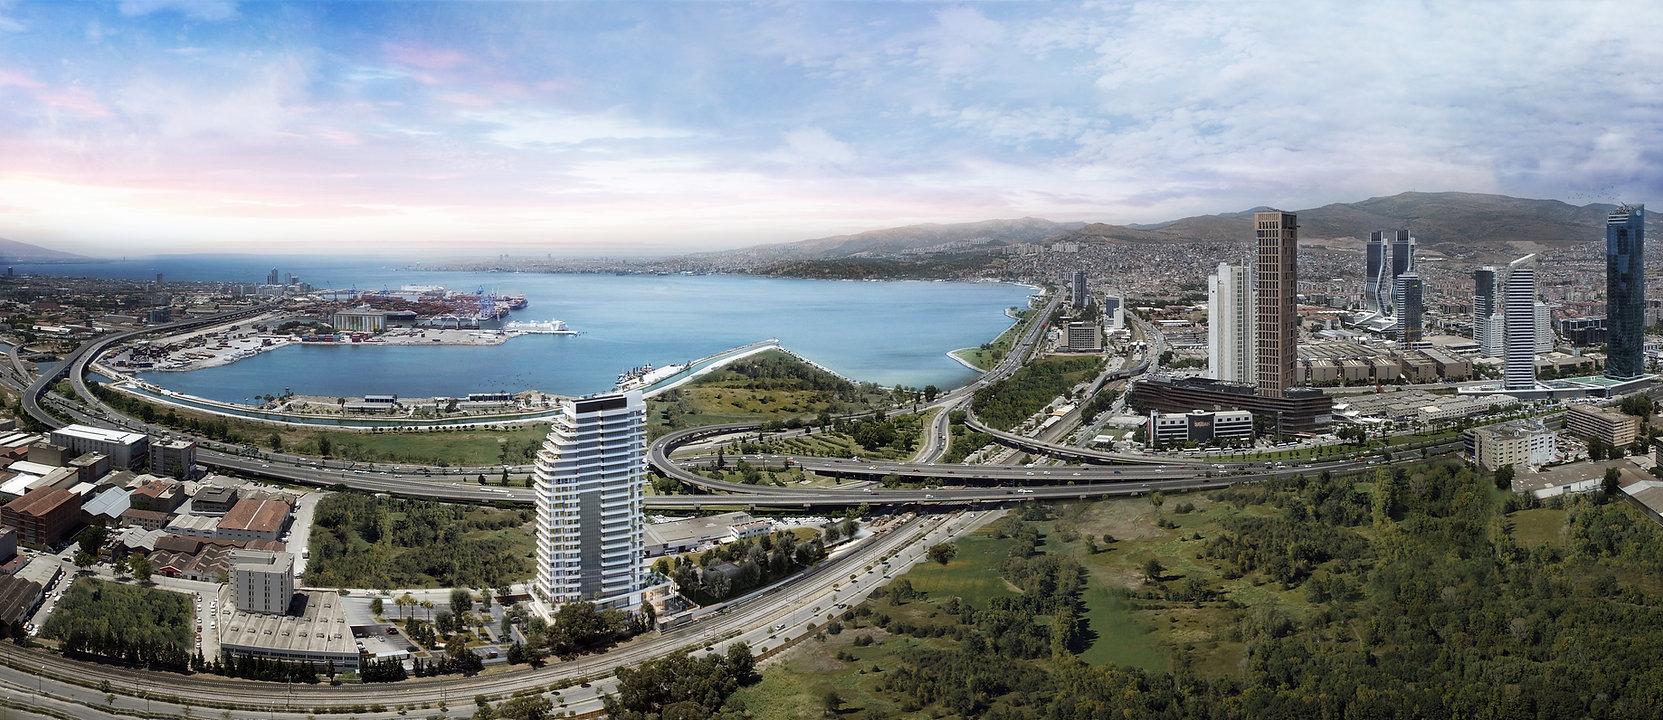 Bayrakli 1923 project placing